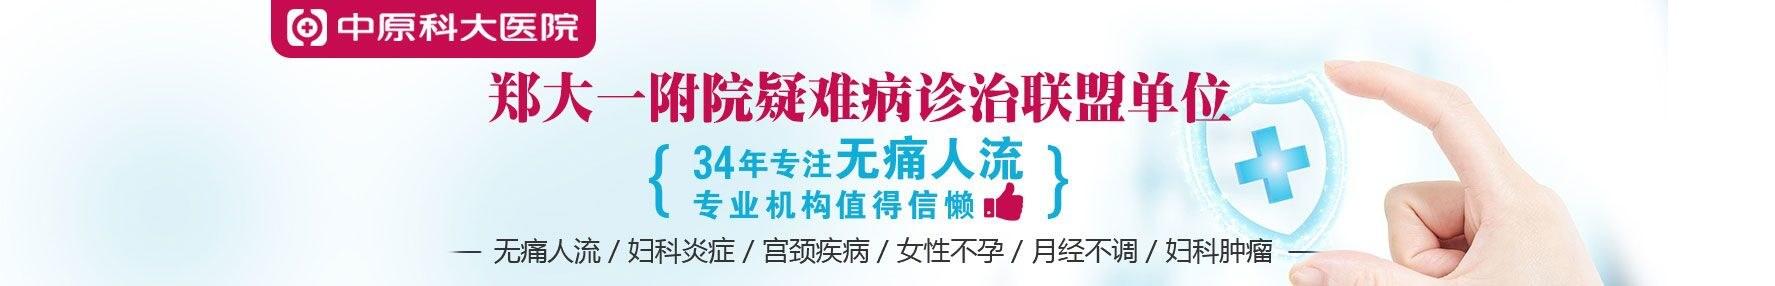 郑州专业妇科医院